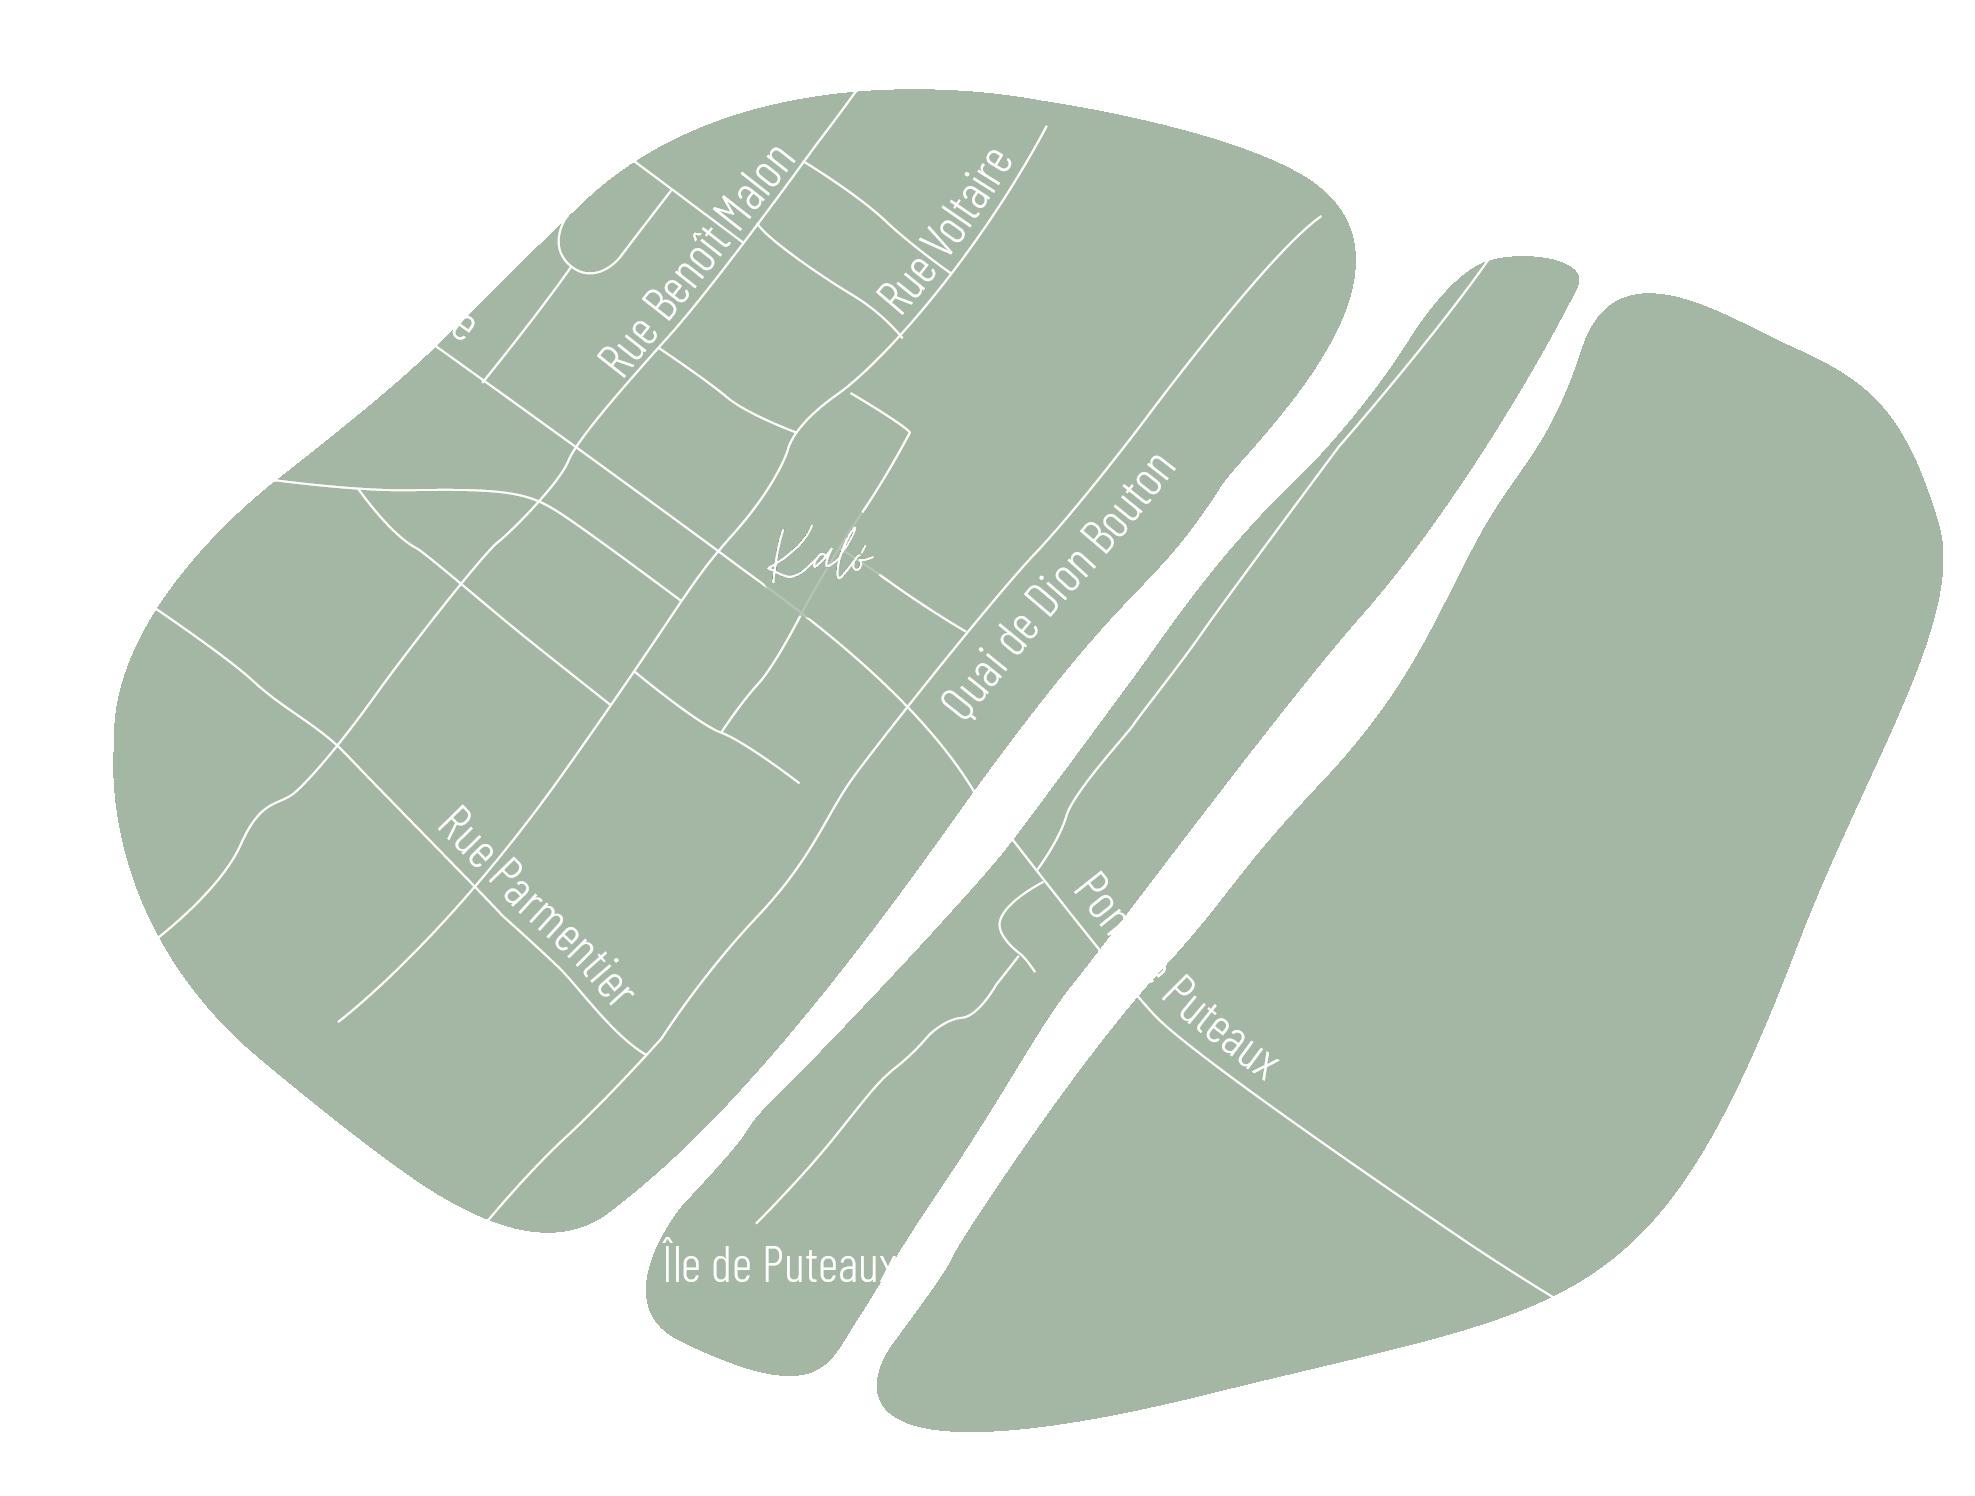 map_2 (1)